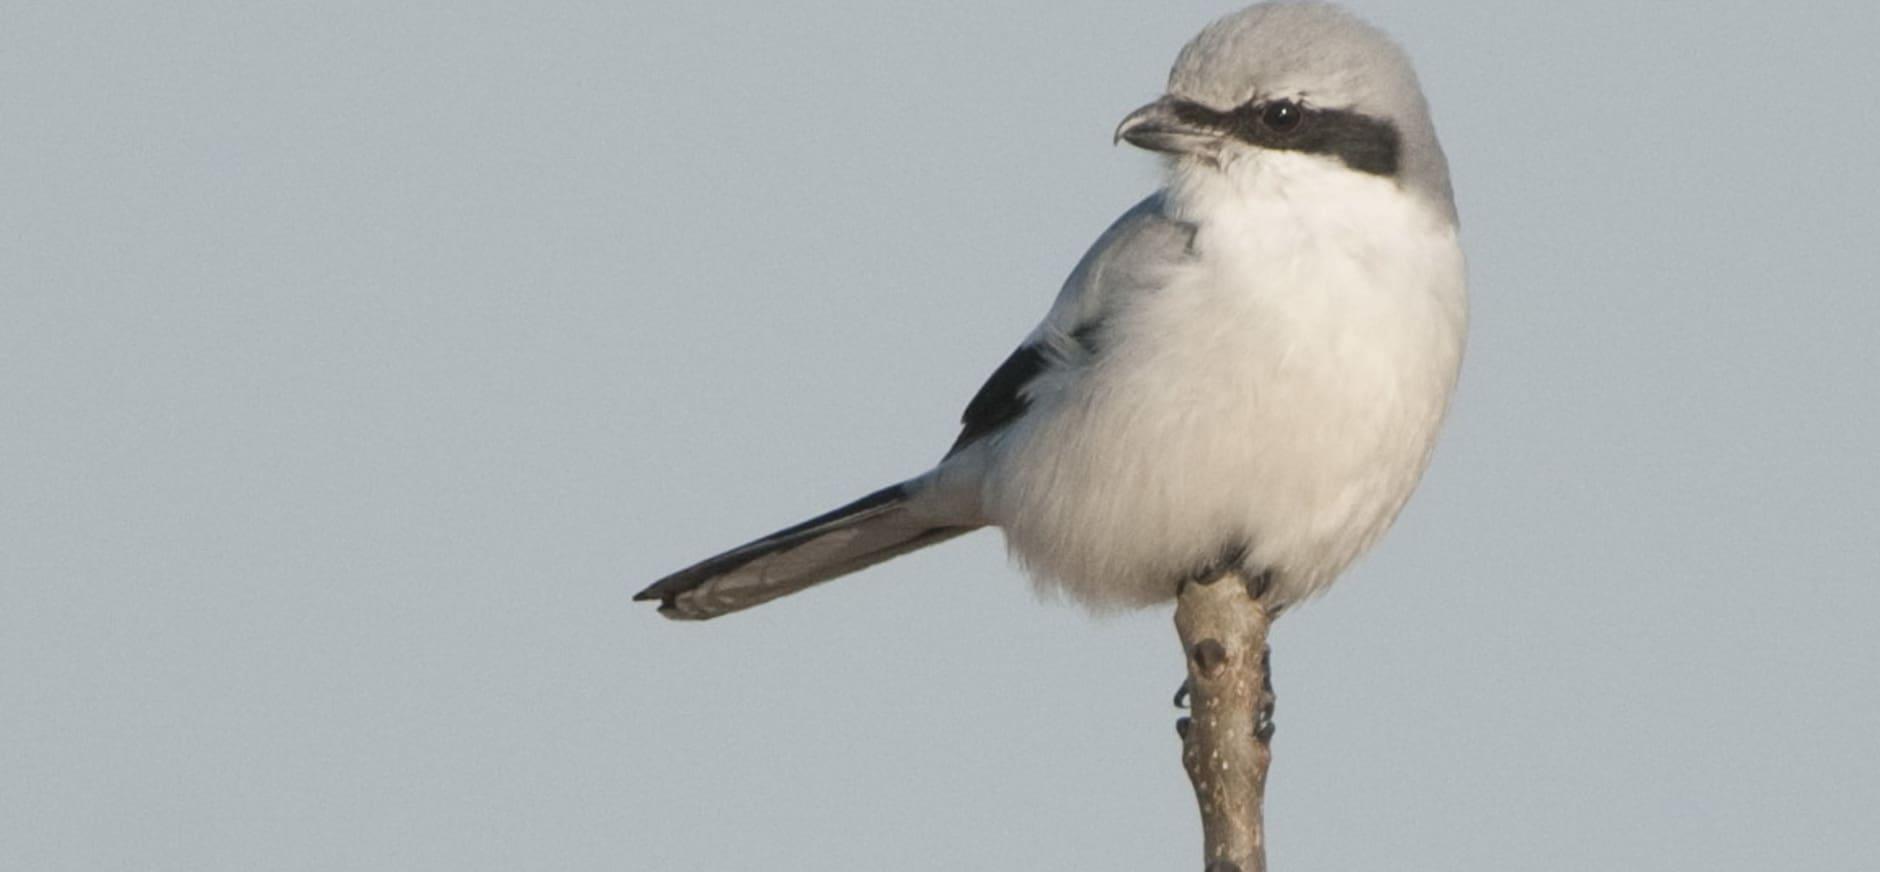 Klapekster overwintert in de Nederlandse natuur